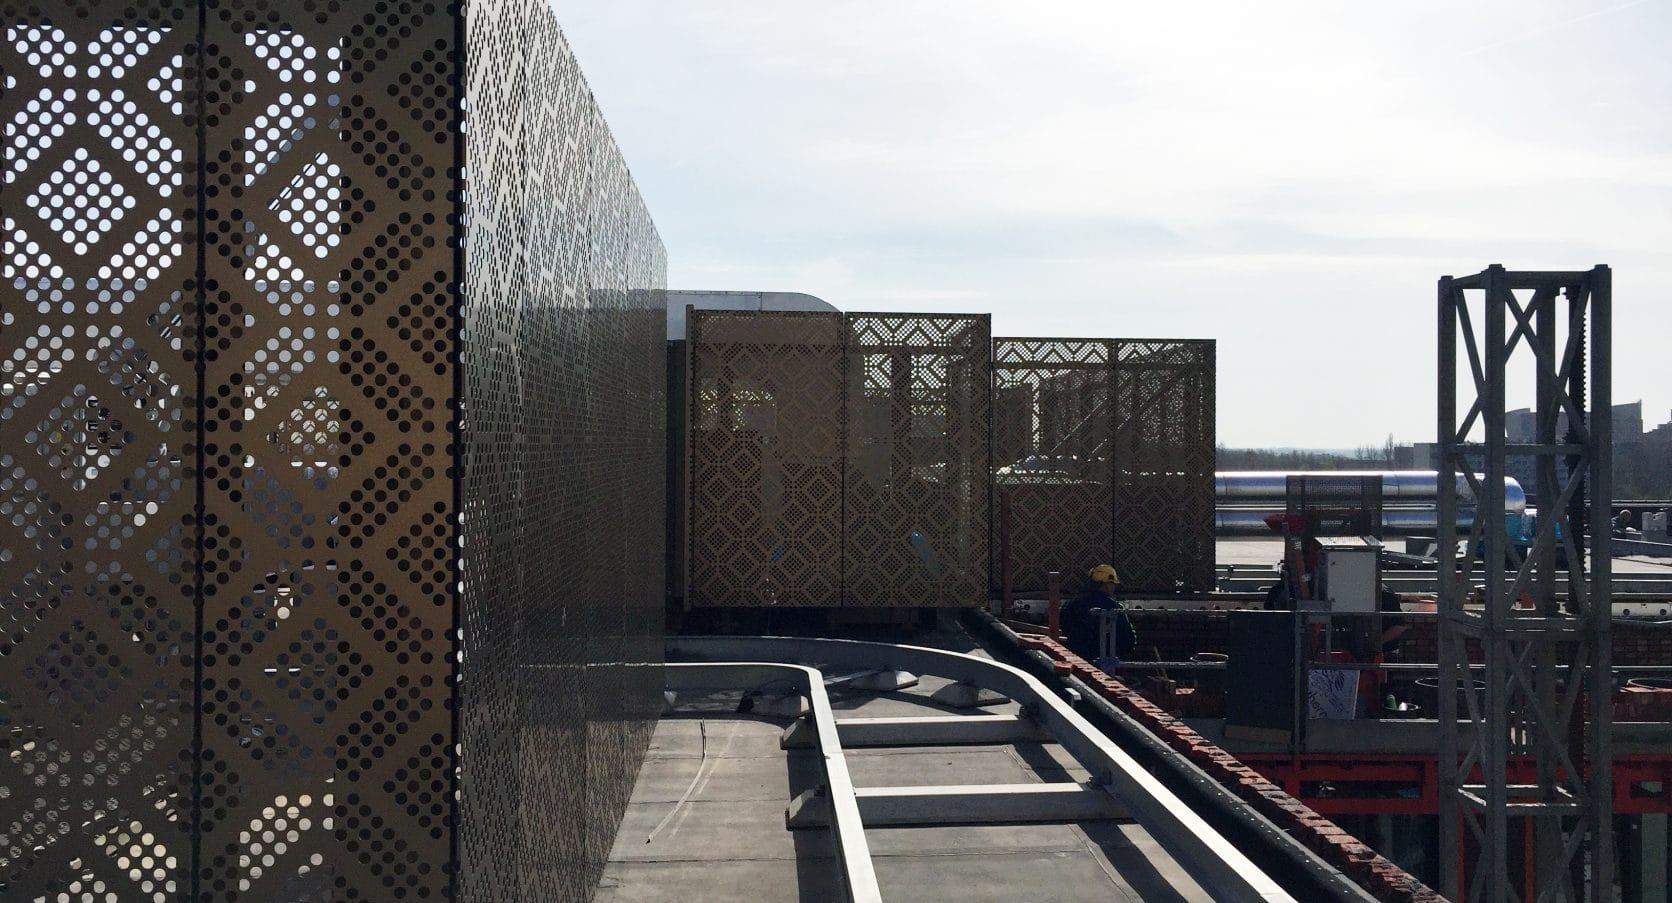 Dakopbouw van geanodiseerd aluminium voor The City Garden in Amstelveen